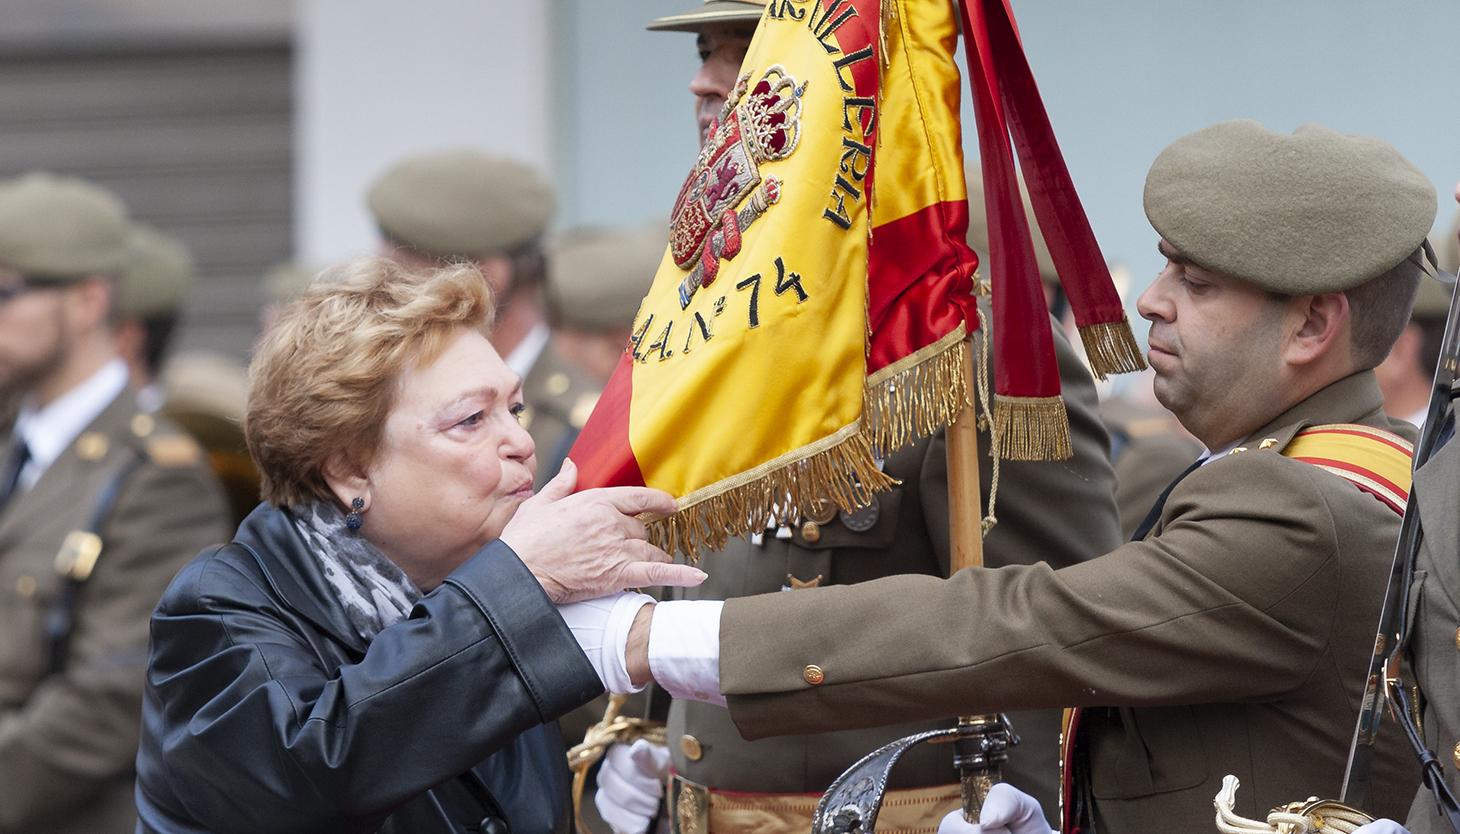 Una señora jura ante la bandera del RAAA 74. Foto Sergio Rodríguez